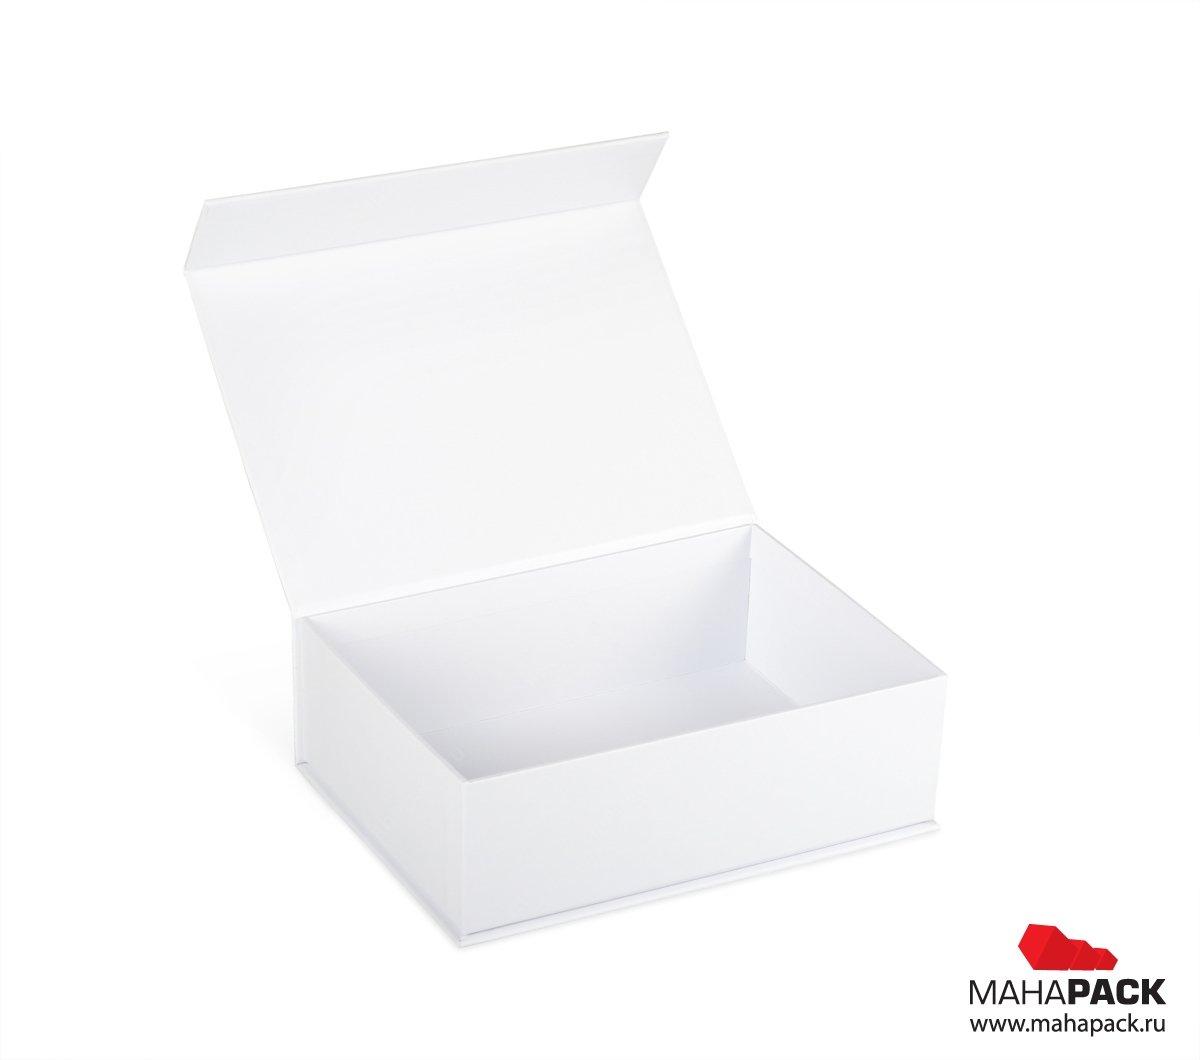 Индивидуальная кашированная коробка на магните